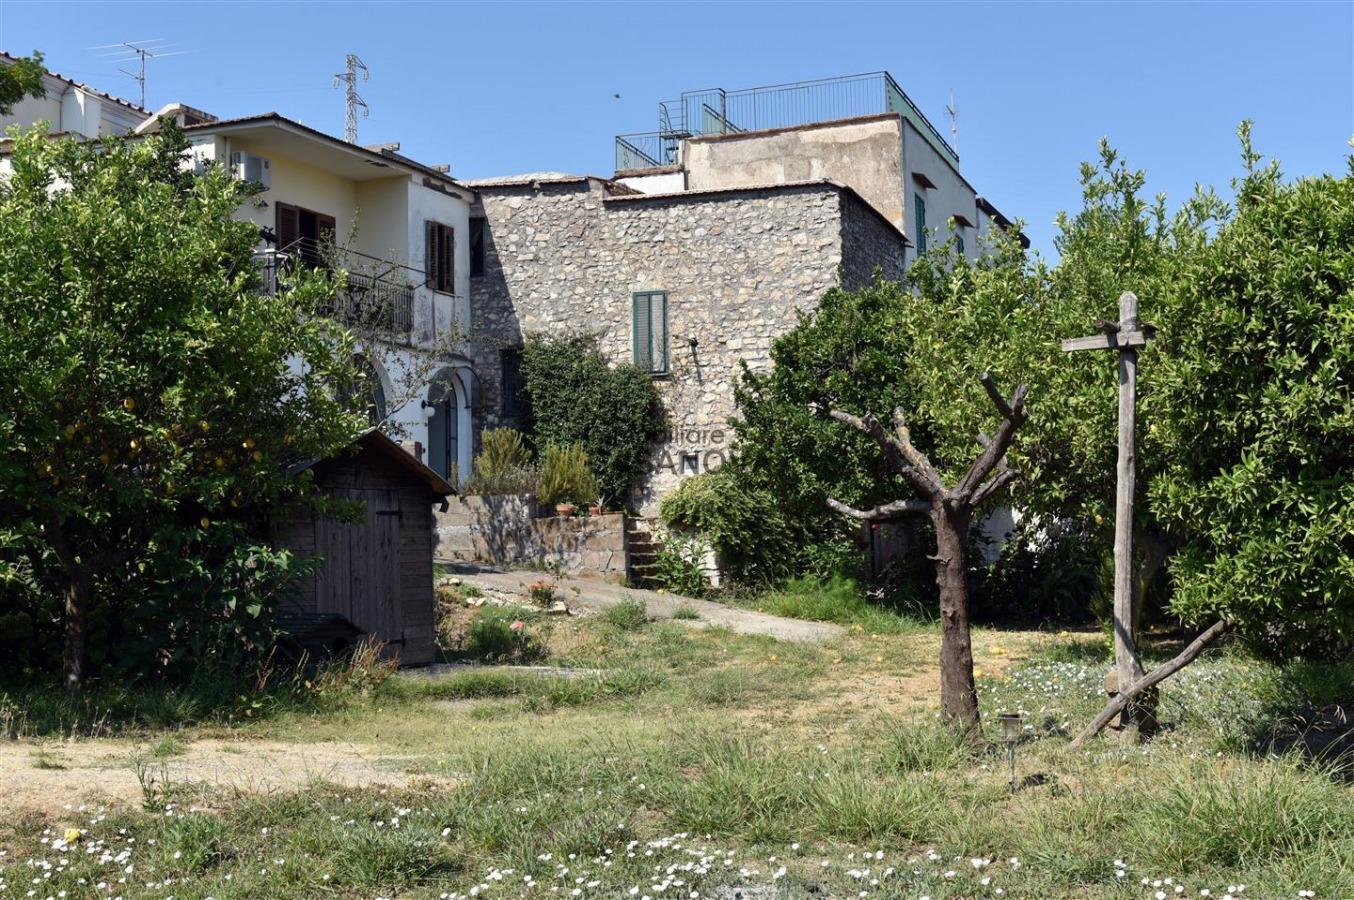 Case Piccole Con Giardino : Vico equense montechiaro porzione di caseggiato con terreno in